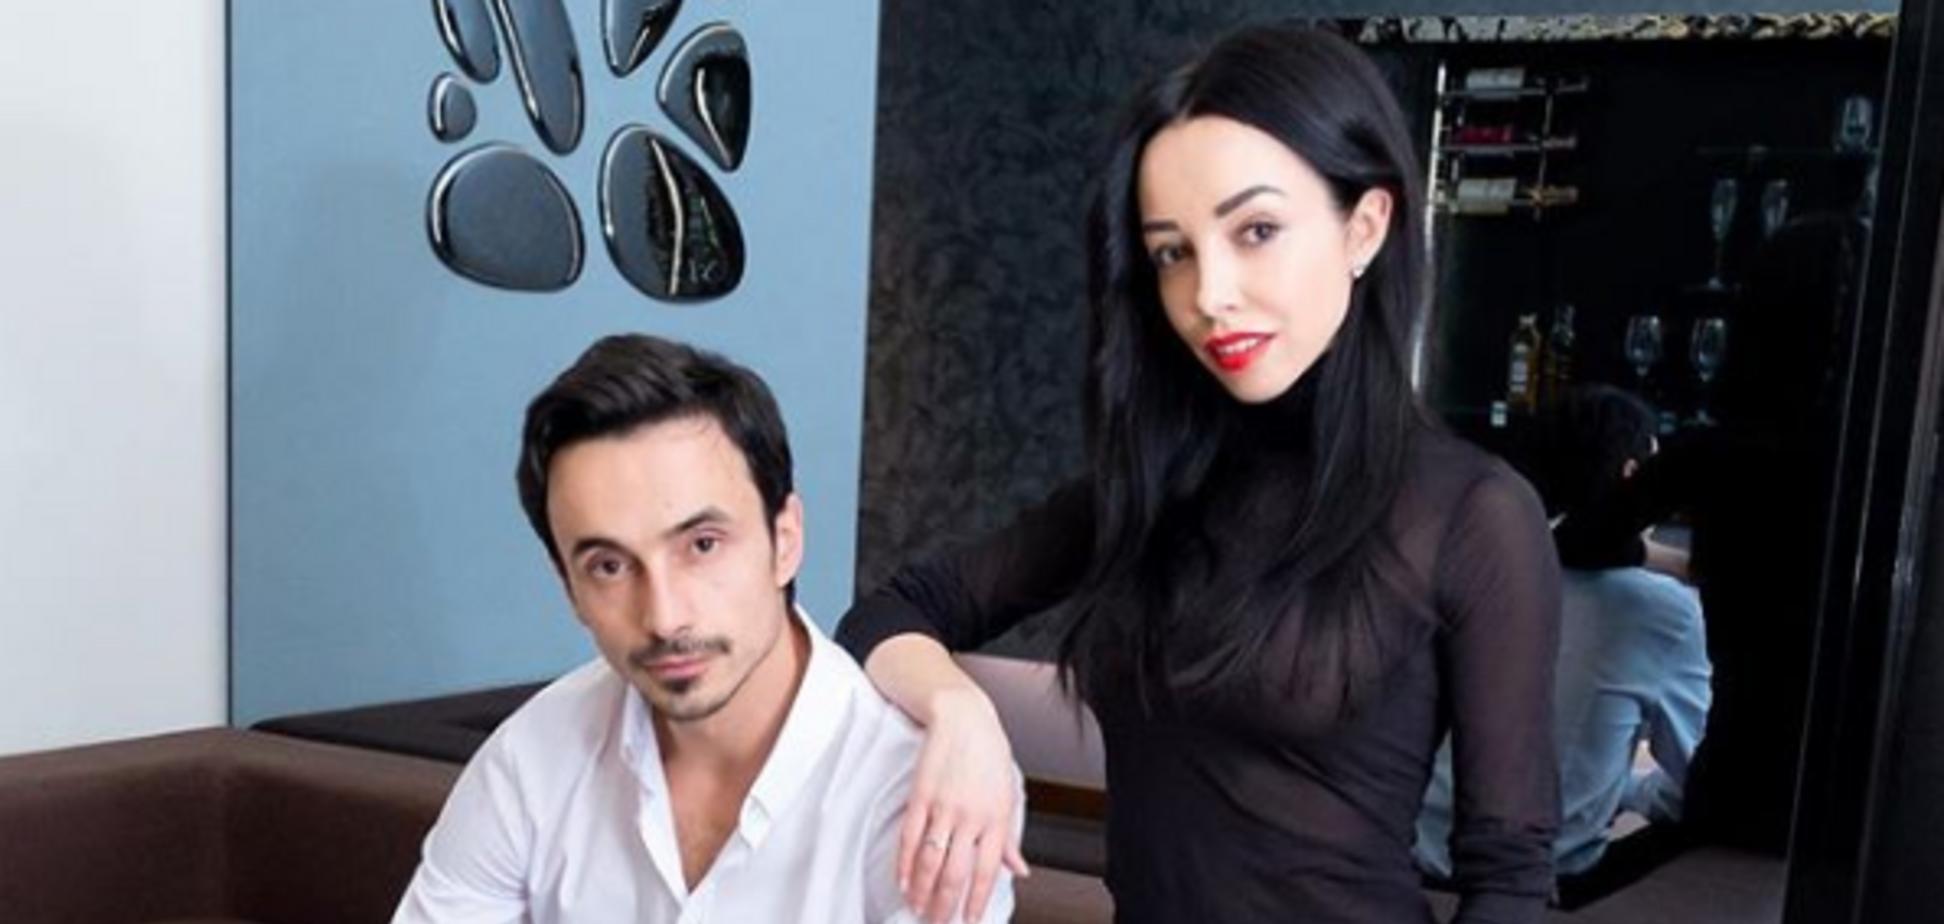 Звезда 'Танців з зірками' впервые показала лицо дочери и вызвала восторг в сети